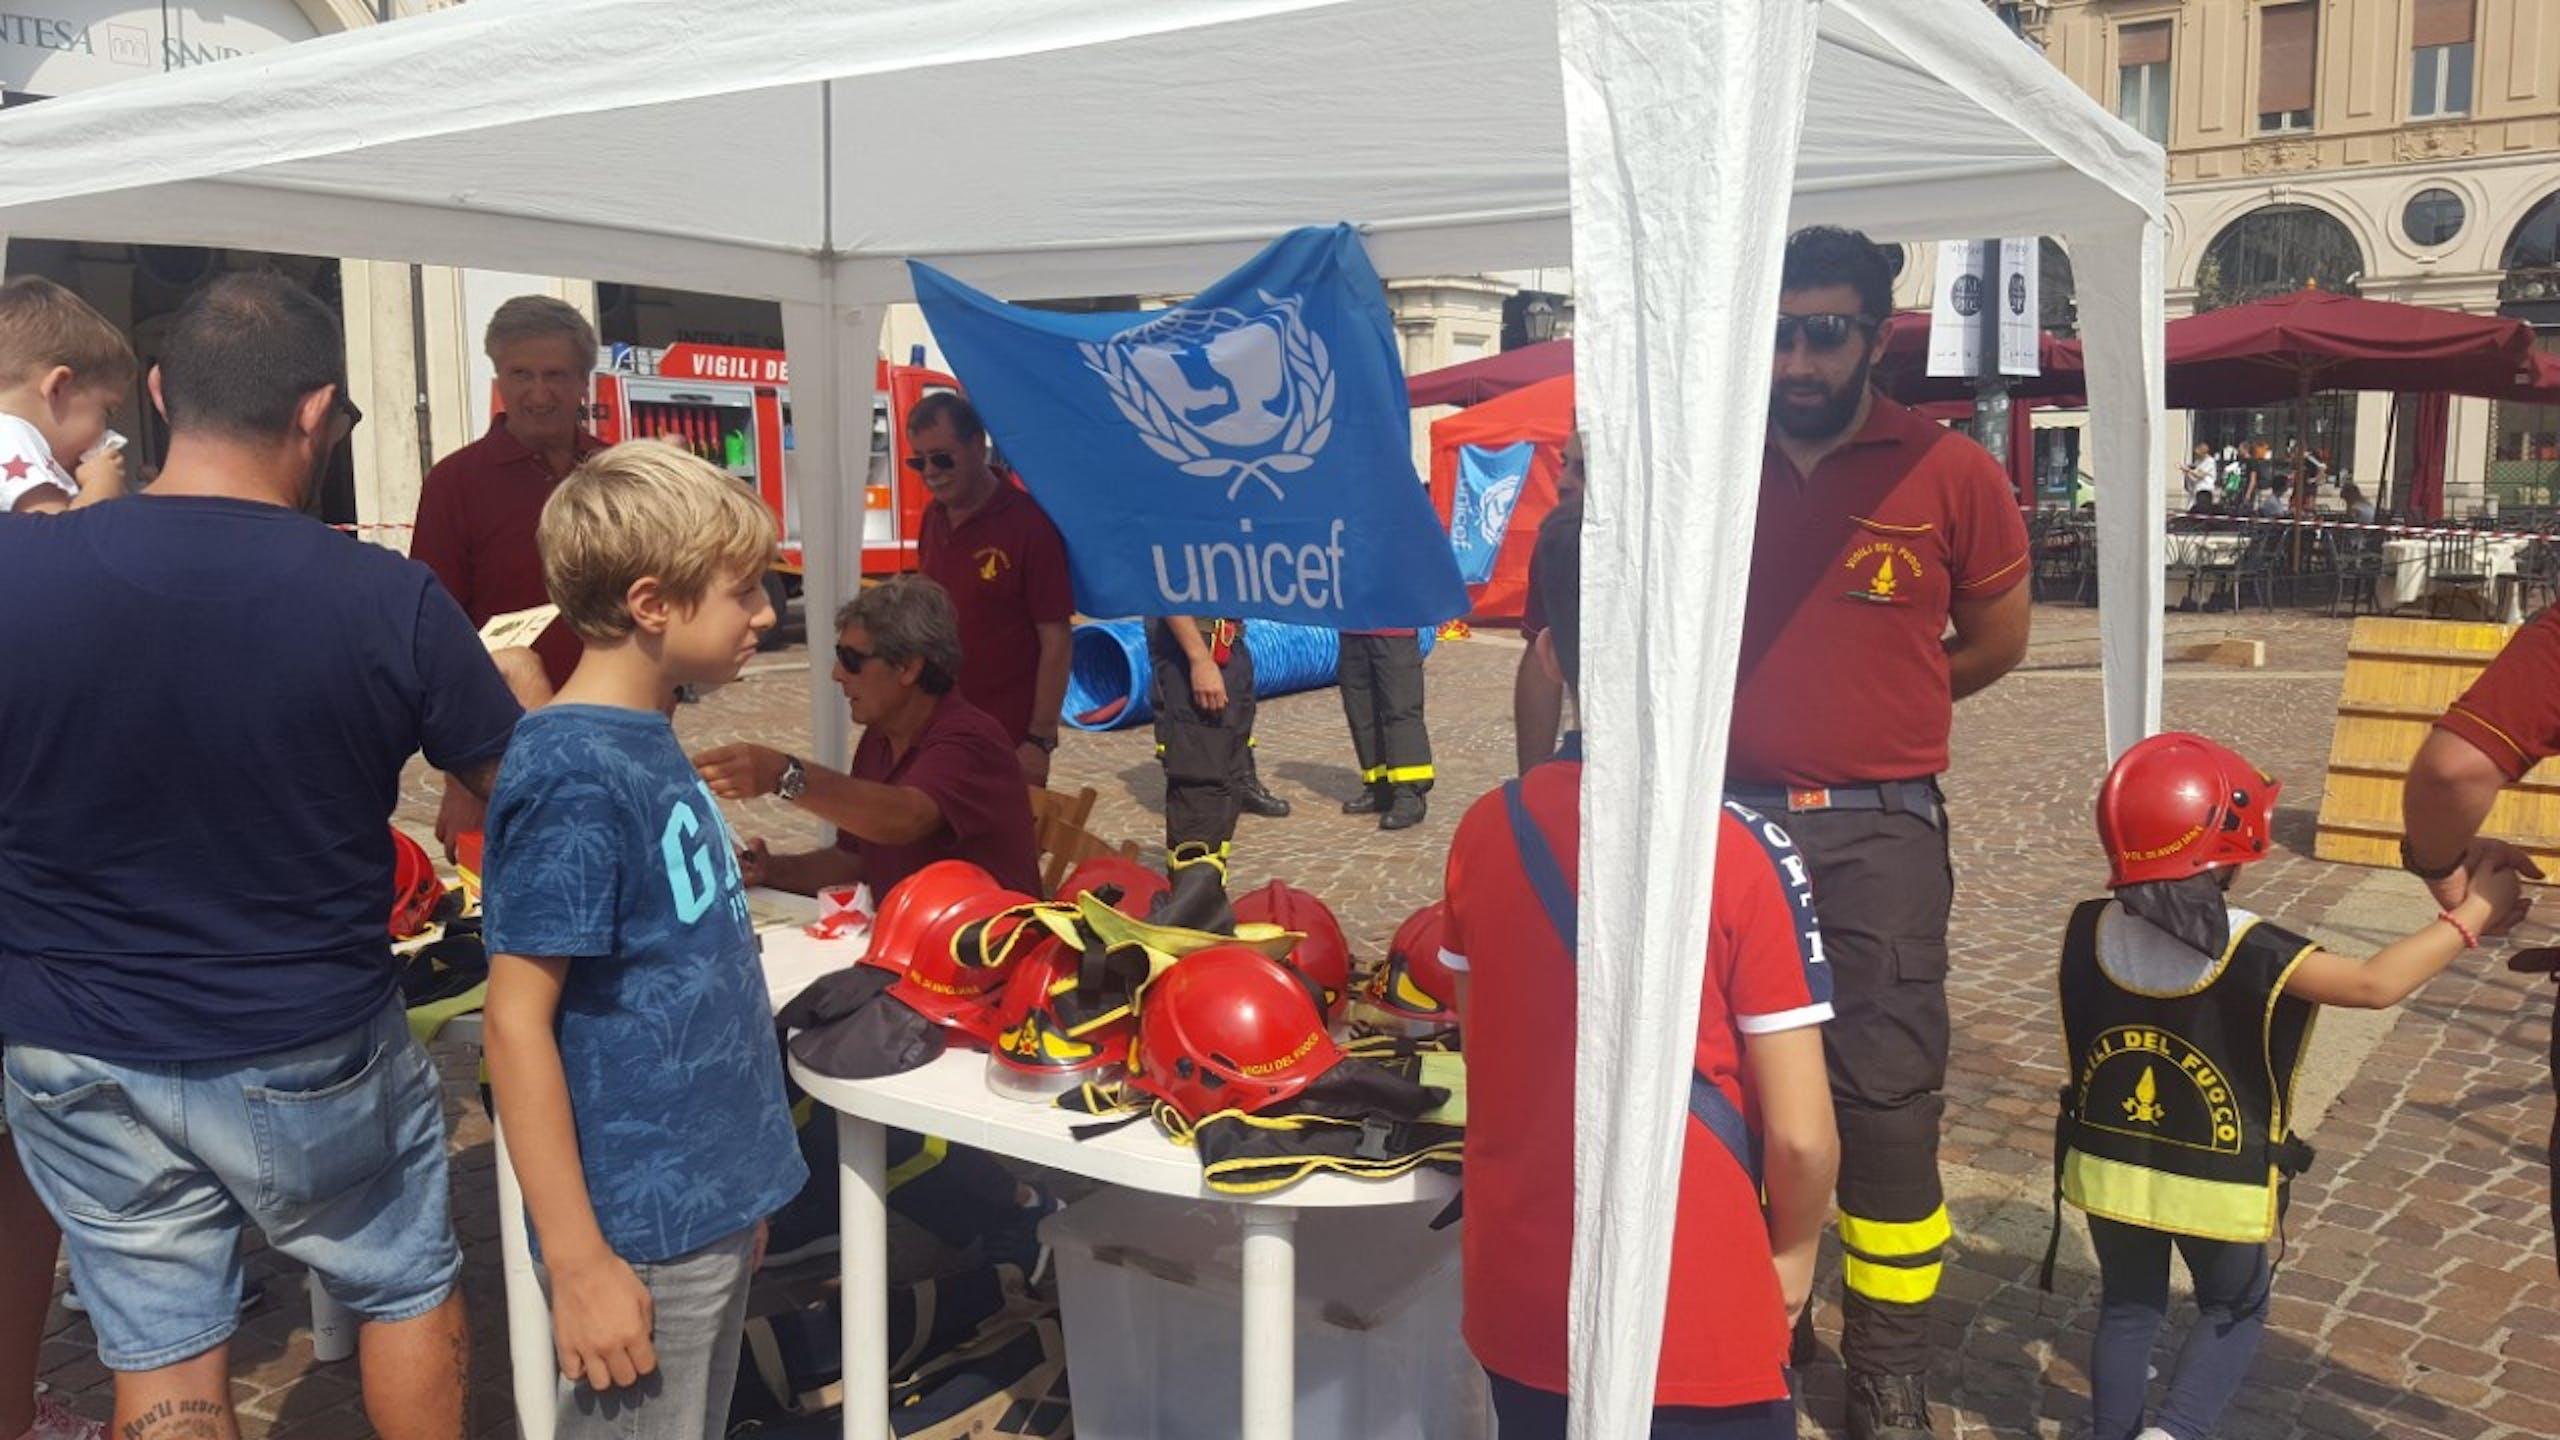 Vigili del Fuoco e UNICEF in piazza S. Carlo con Pompieropoli per testimoniare il valore della Salvaguardia dei più bisognosi e dell'infanzia